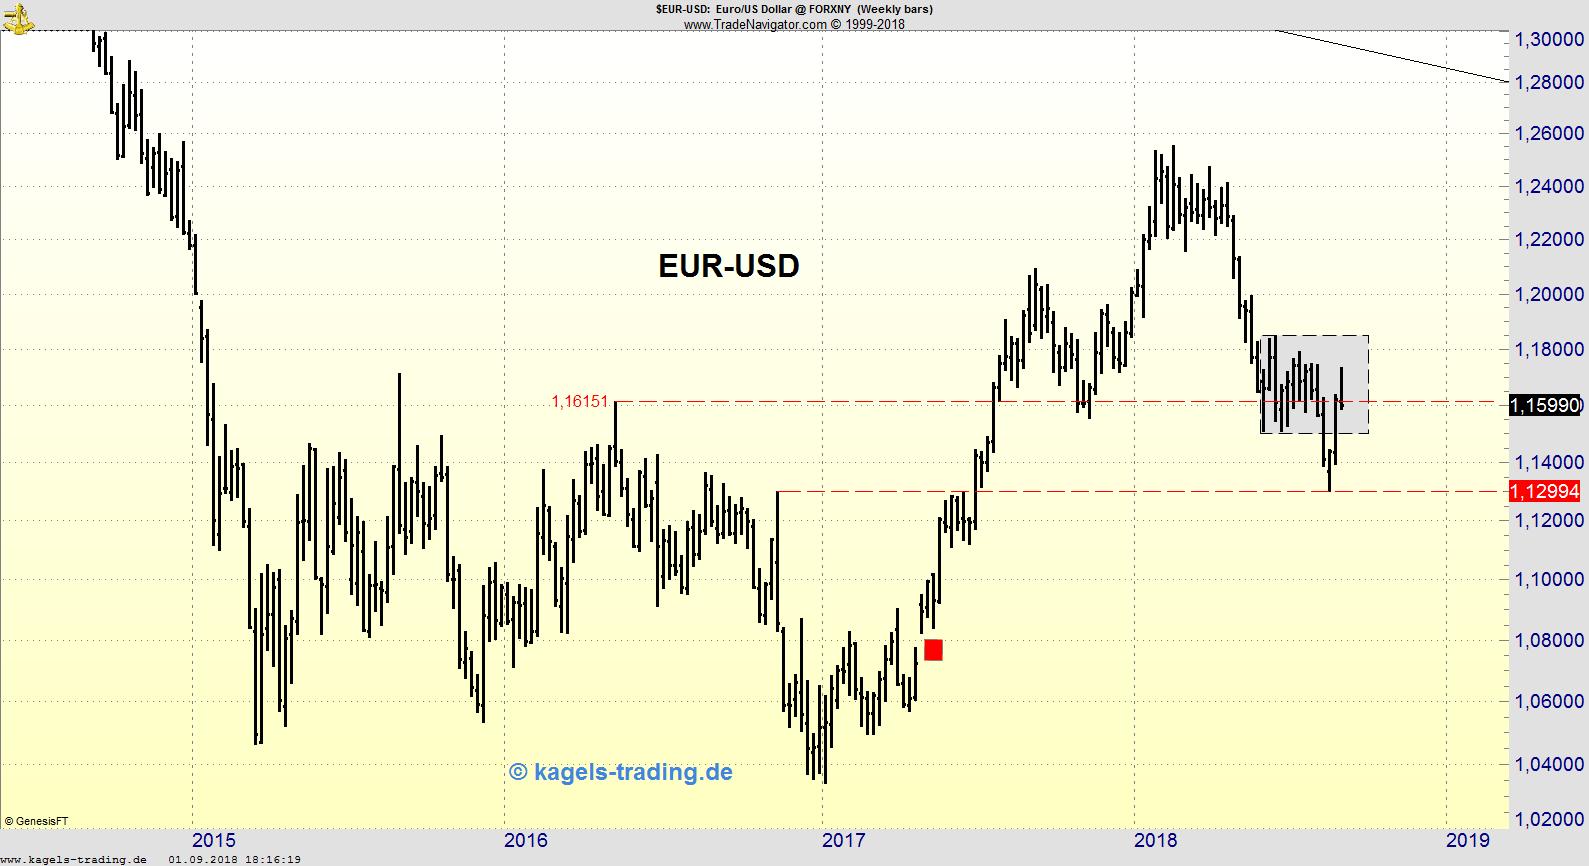 Wochenchart des EUR/USD mit Konsolidierungszone